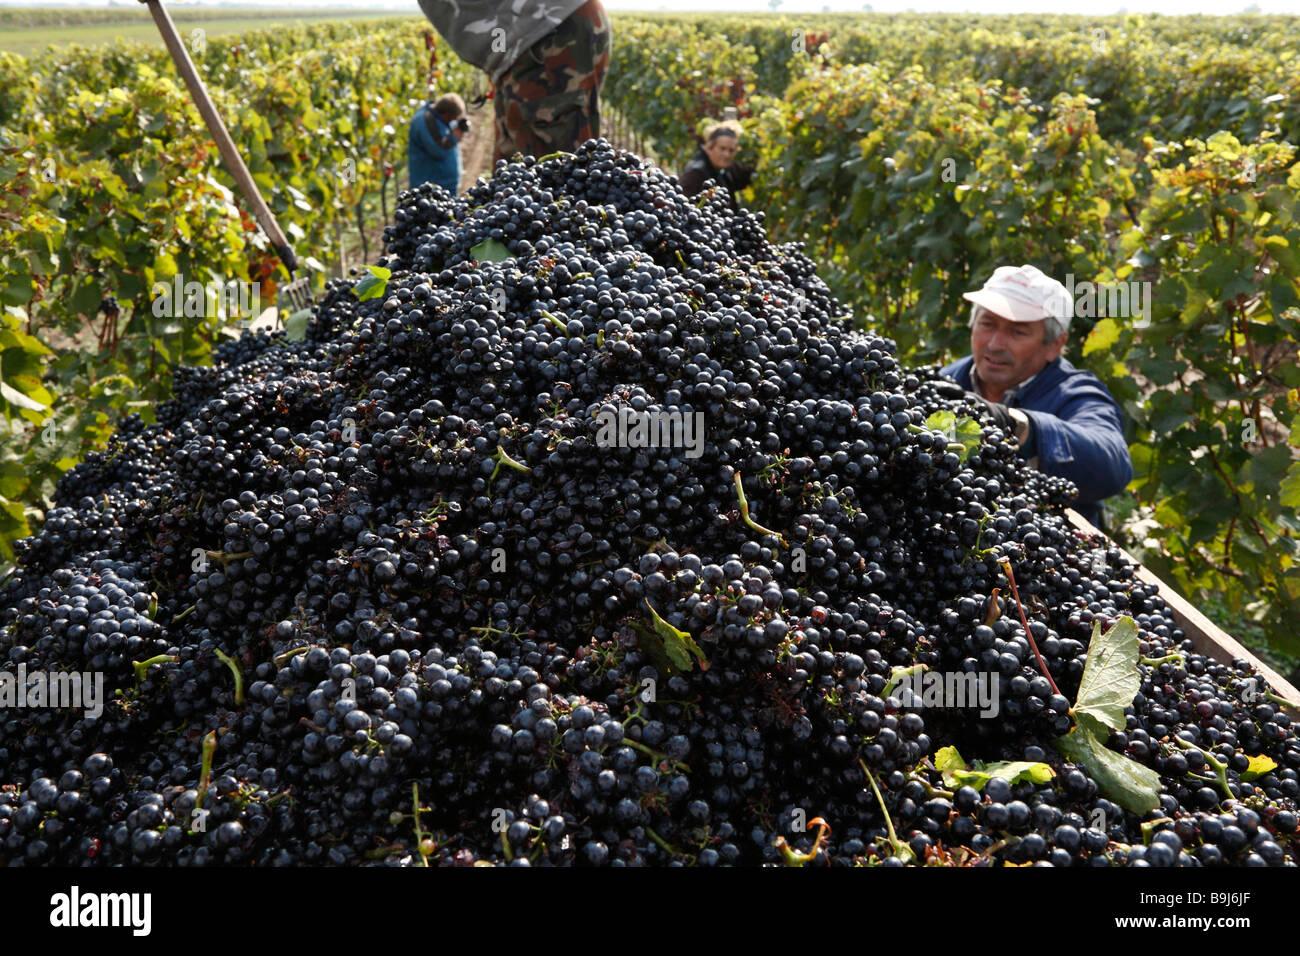 Grape harvest in Seewinkel, Blaufraenkisch grapes, Burgenland, Austria, Europe - Stock Image